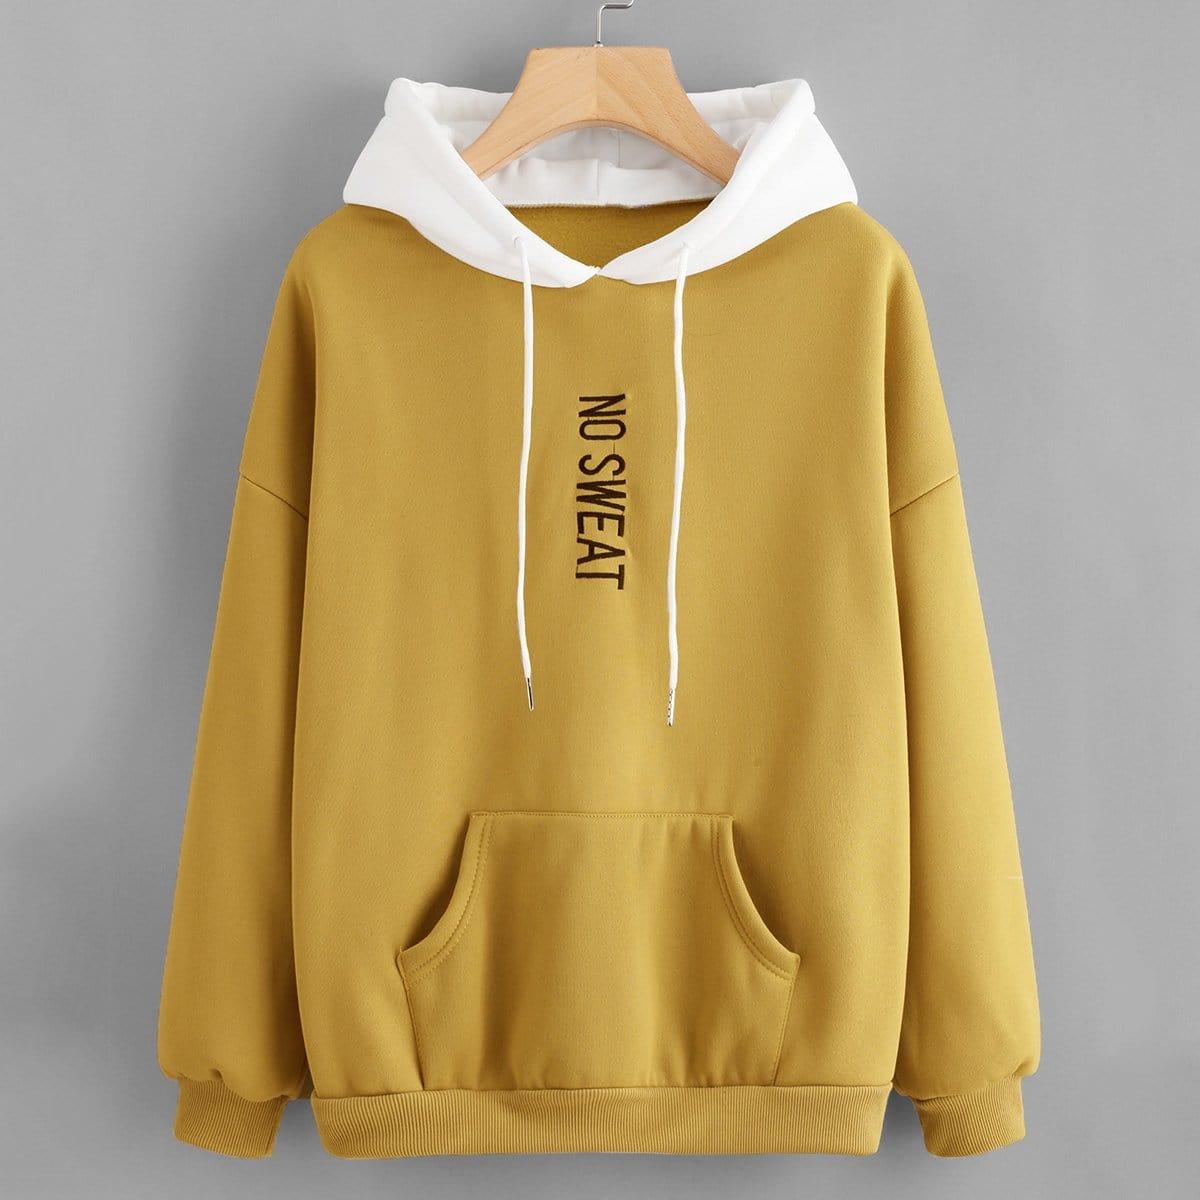 Gember  Casual Tekst Sweater Borduurwerk